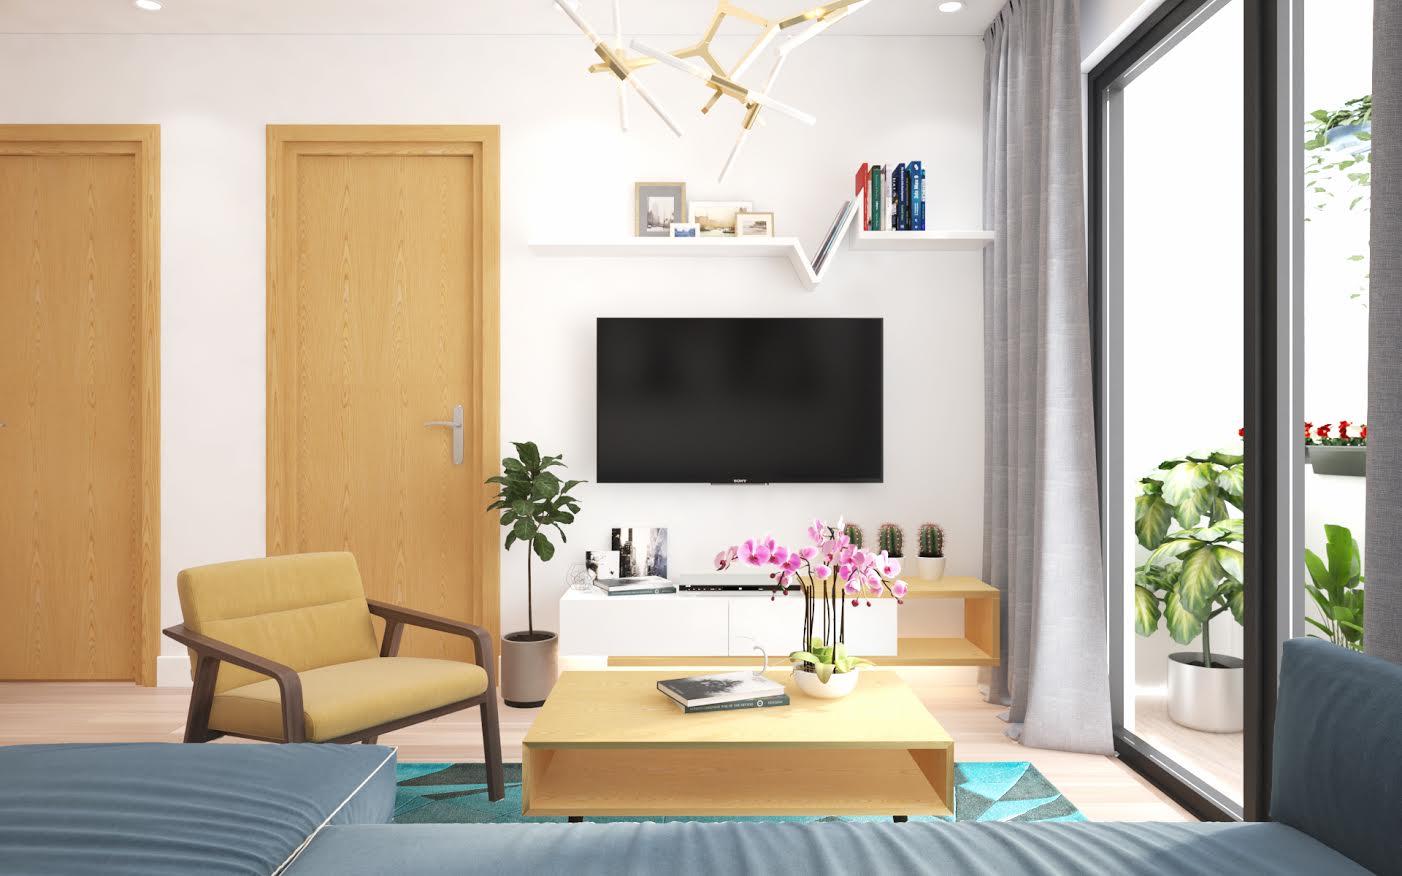 thiết kế nội thất chung cư giá rẻ 13